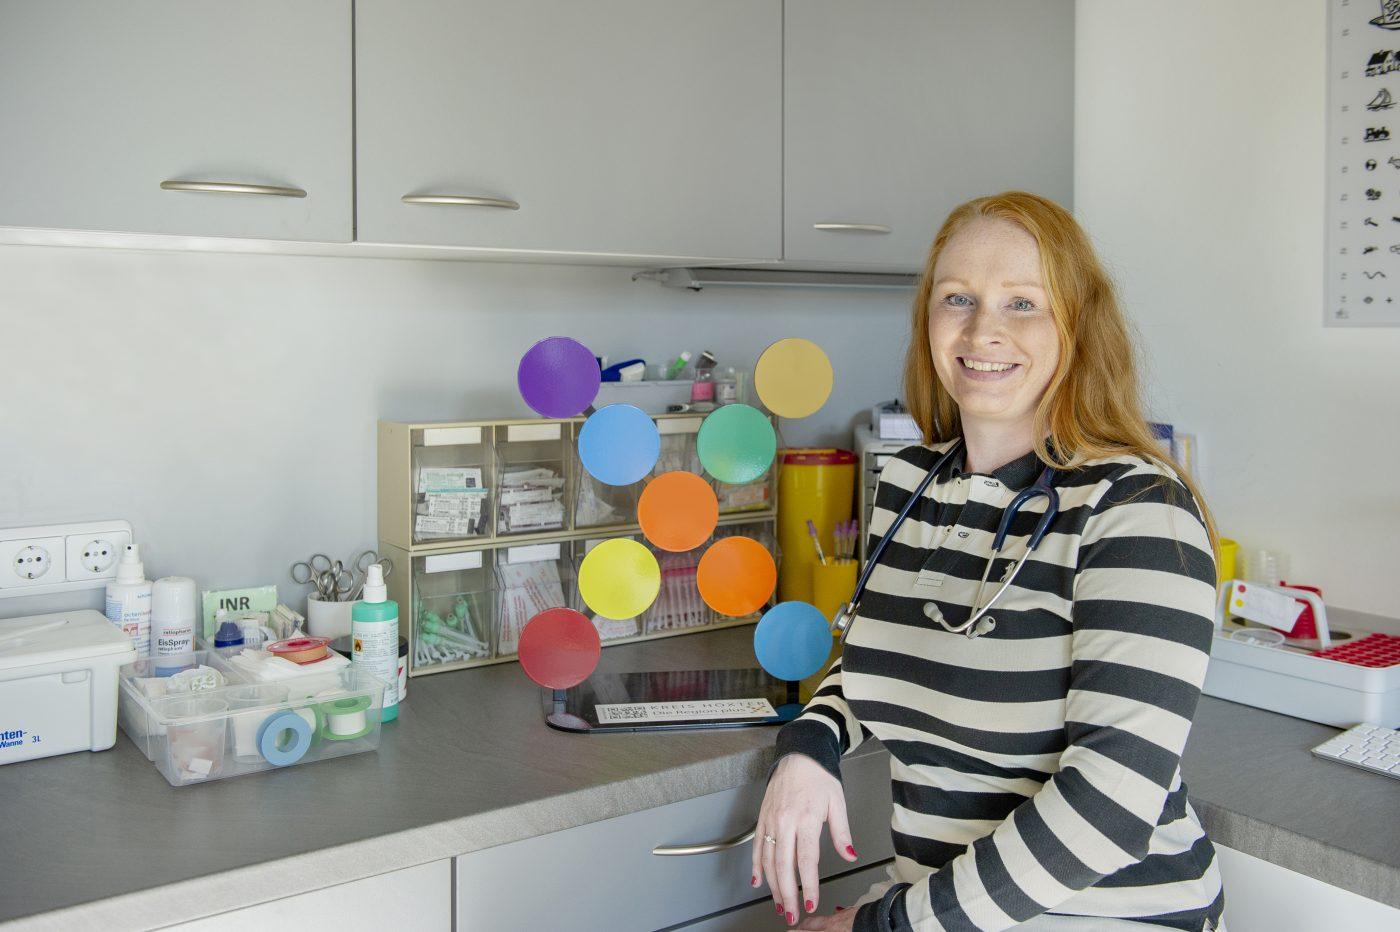 X_Botschafterin Dr. Stein (c) Irina Jansen, GfW im Kreis Höxter mbH